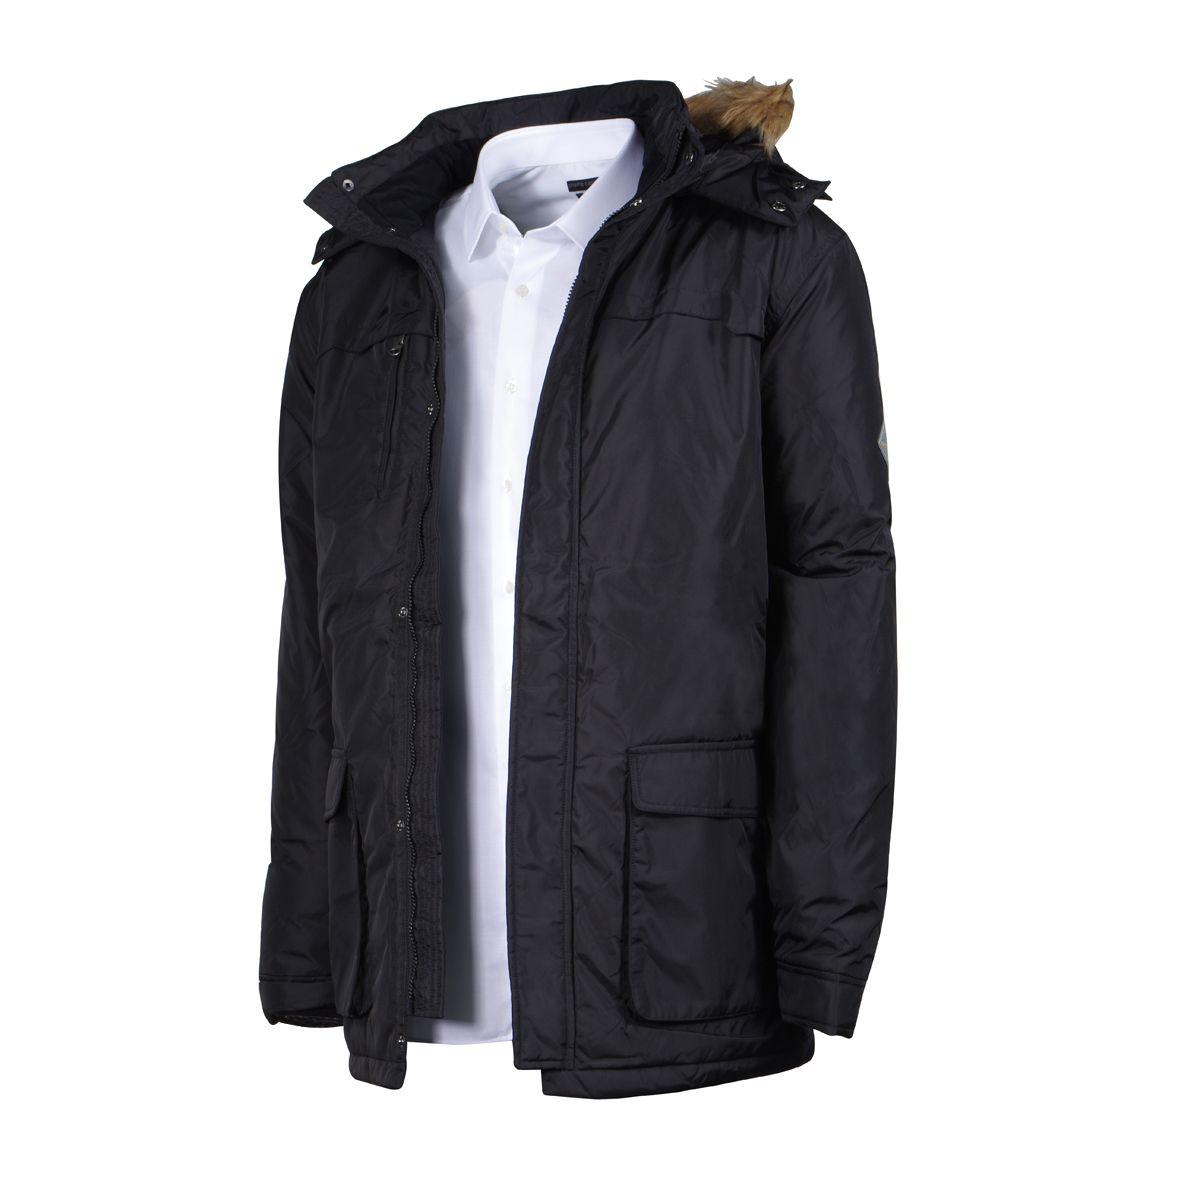 parka longue noir avec capuche amovible pour homme grand du l au 2xl size factory replika. Black Bedroom Furniture Sets. Home Design Ideas